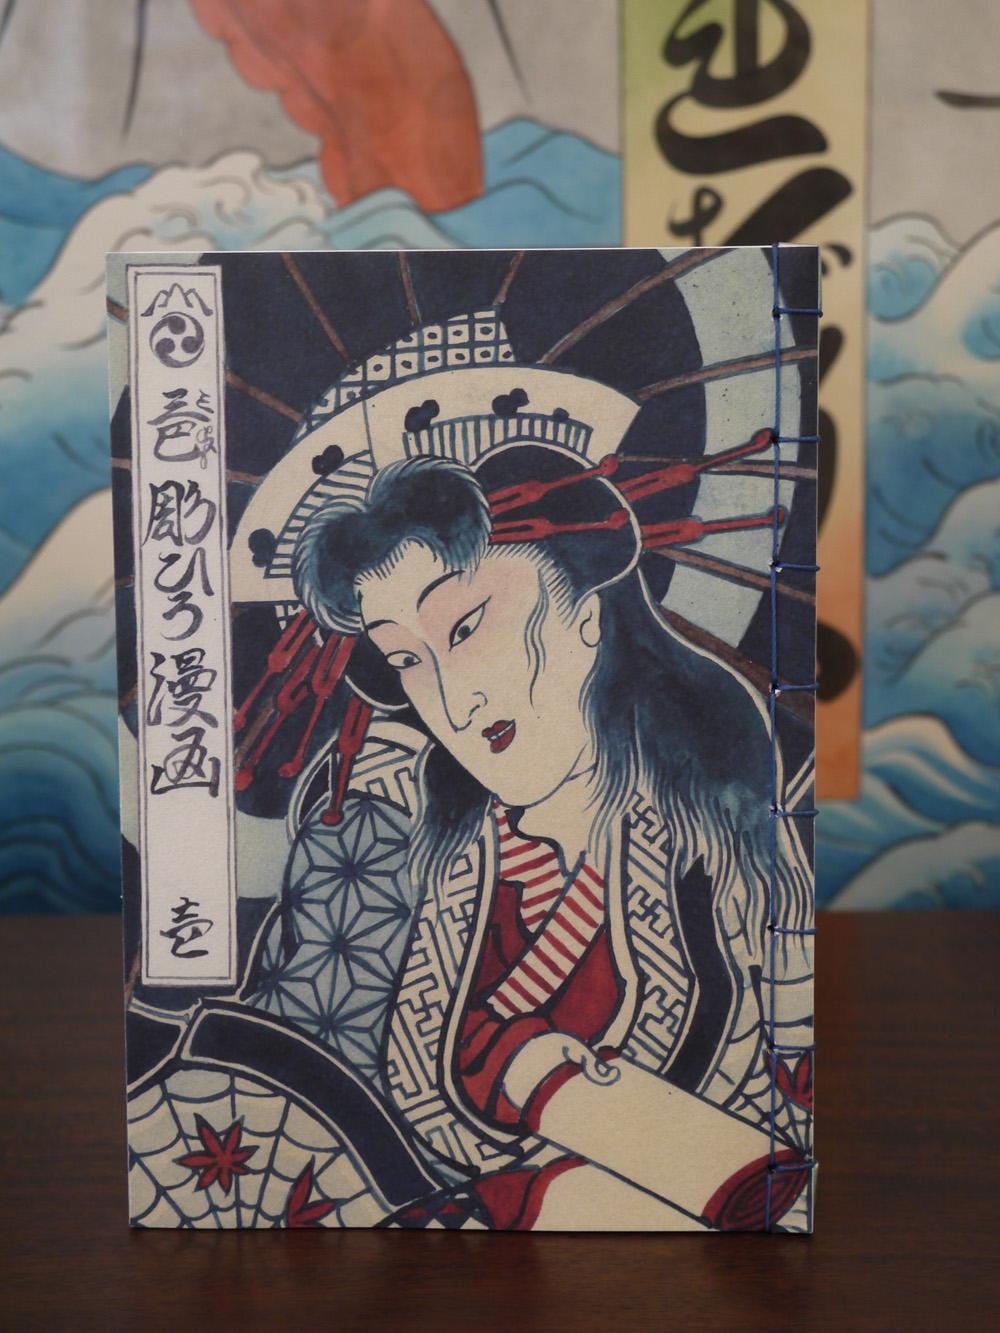 MITOMO_HORIHIRO_MANGA_Vol.1